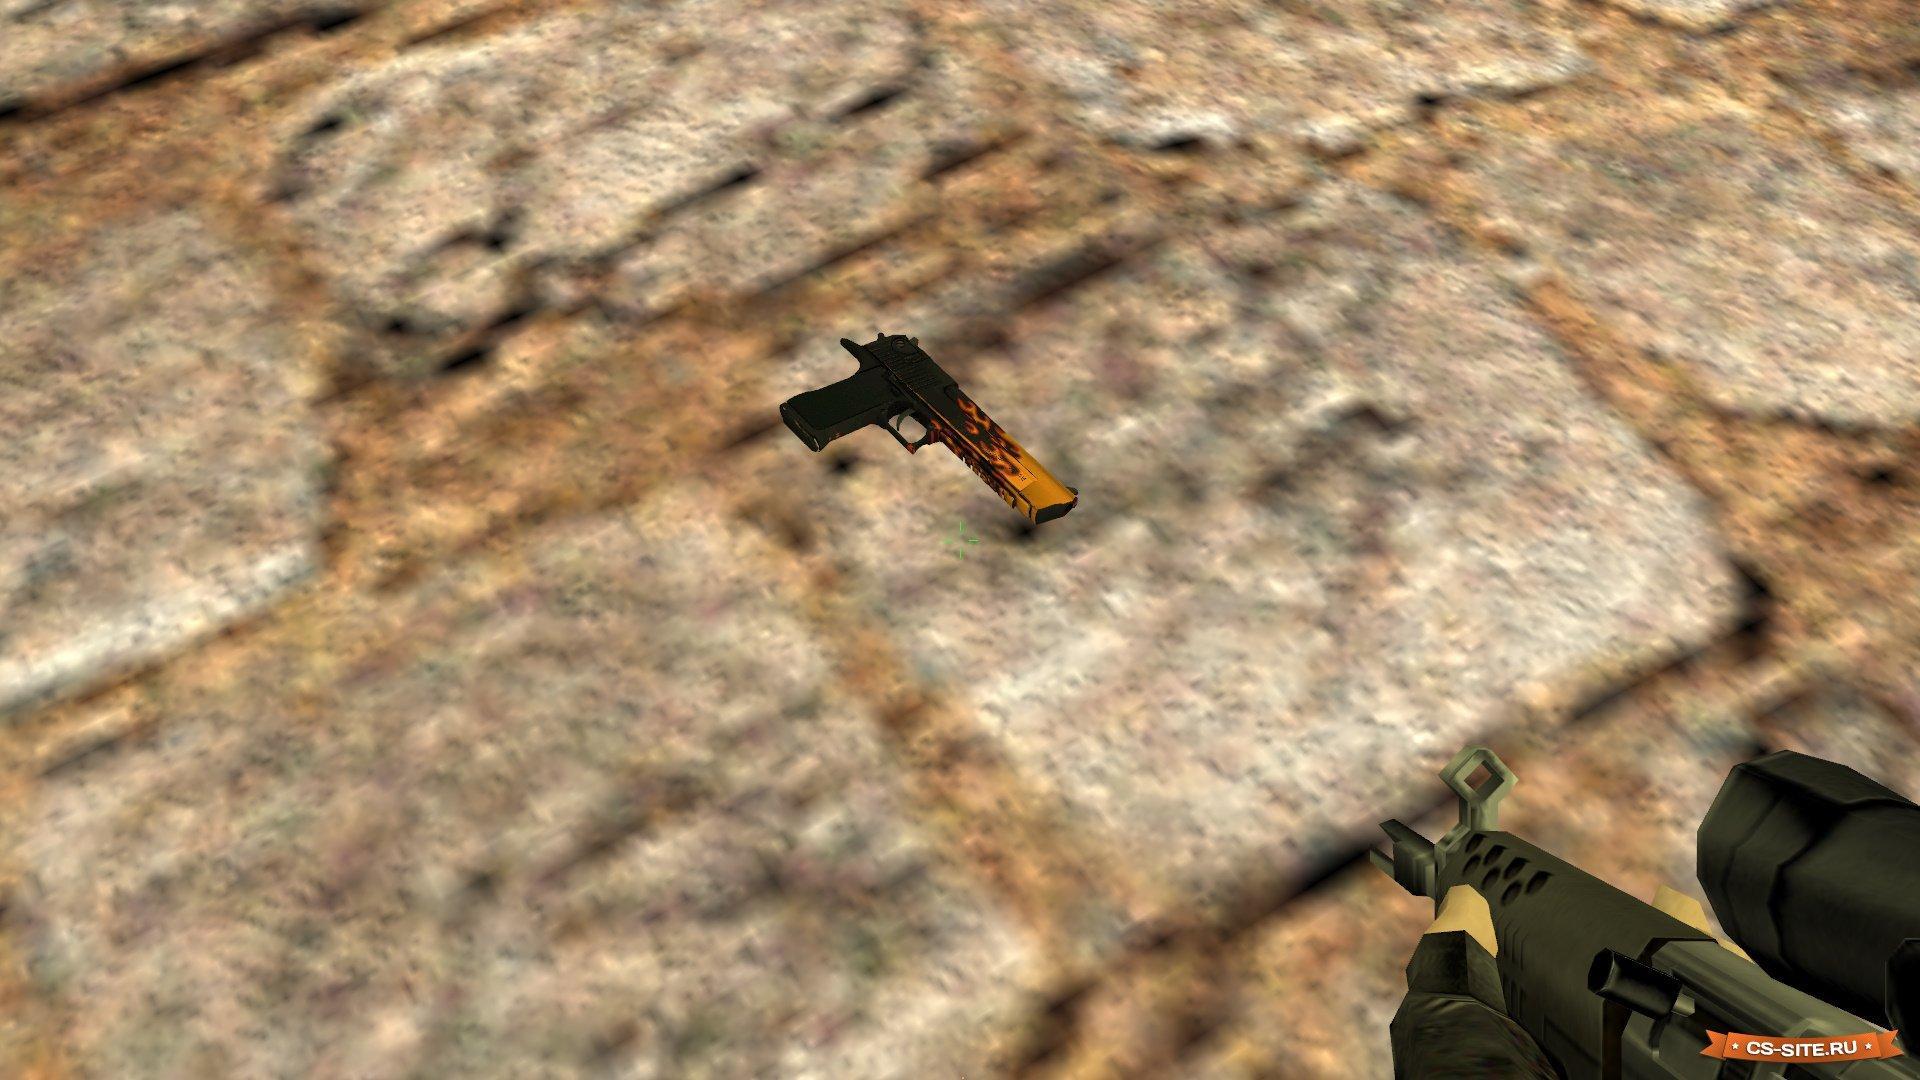 Скачать модель desert eagle wild fire deagle модели оружия.